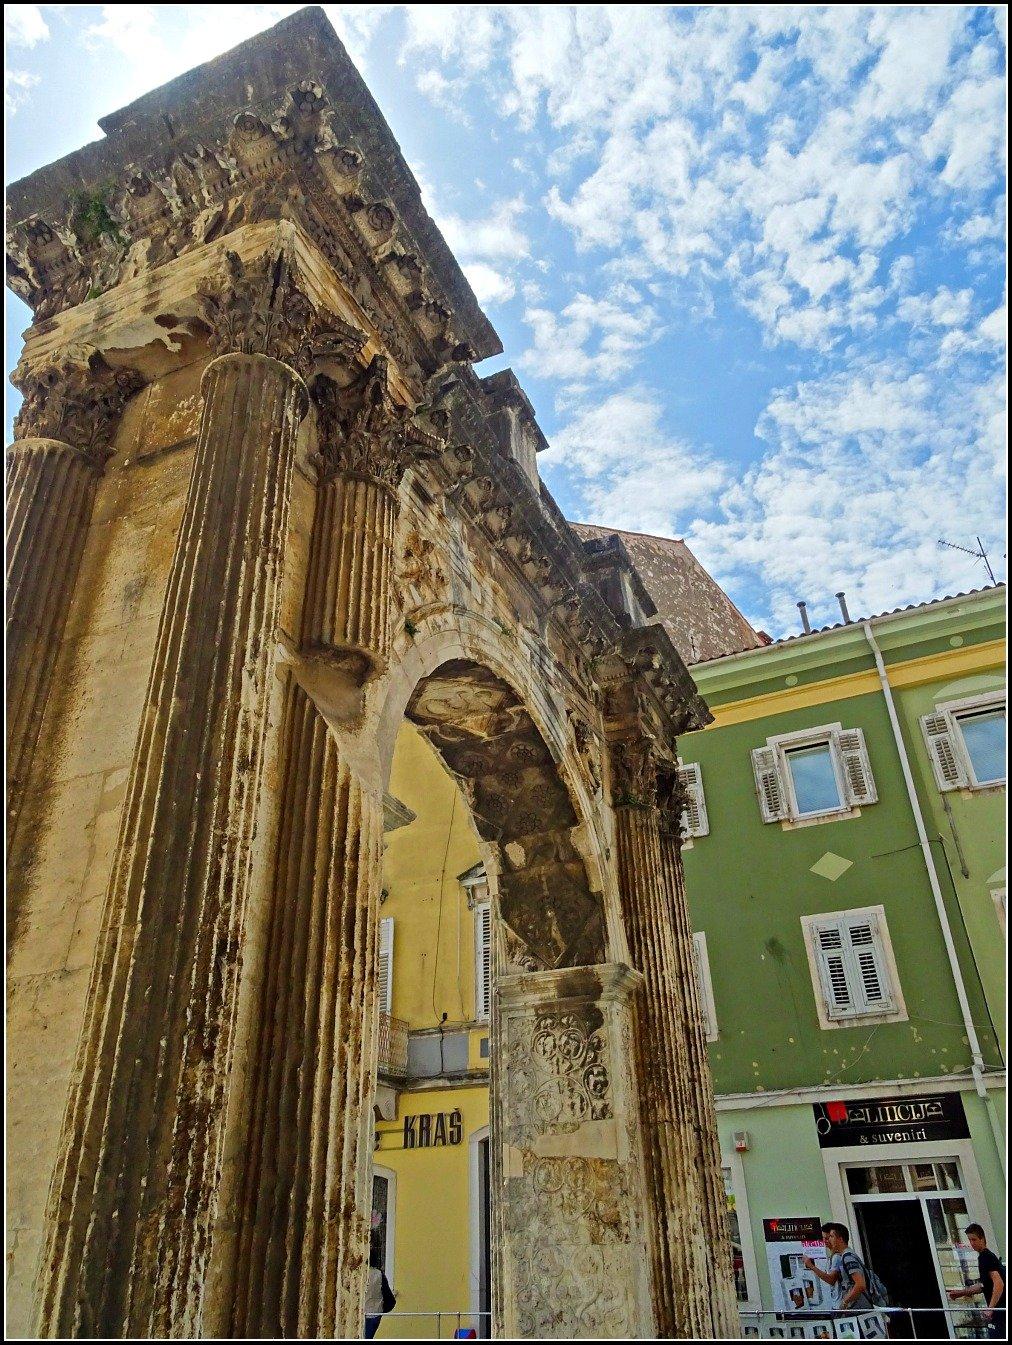 Arch of Sergii Pula